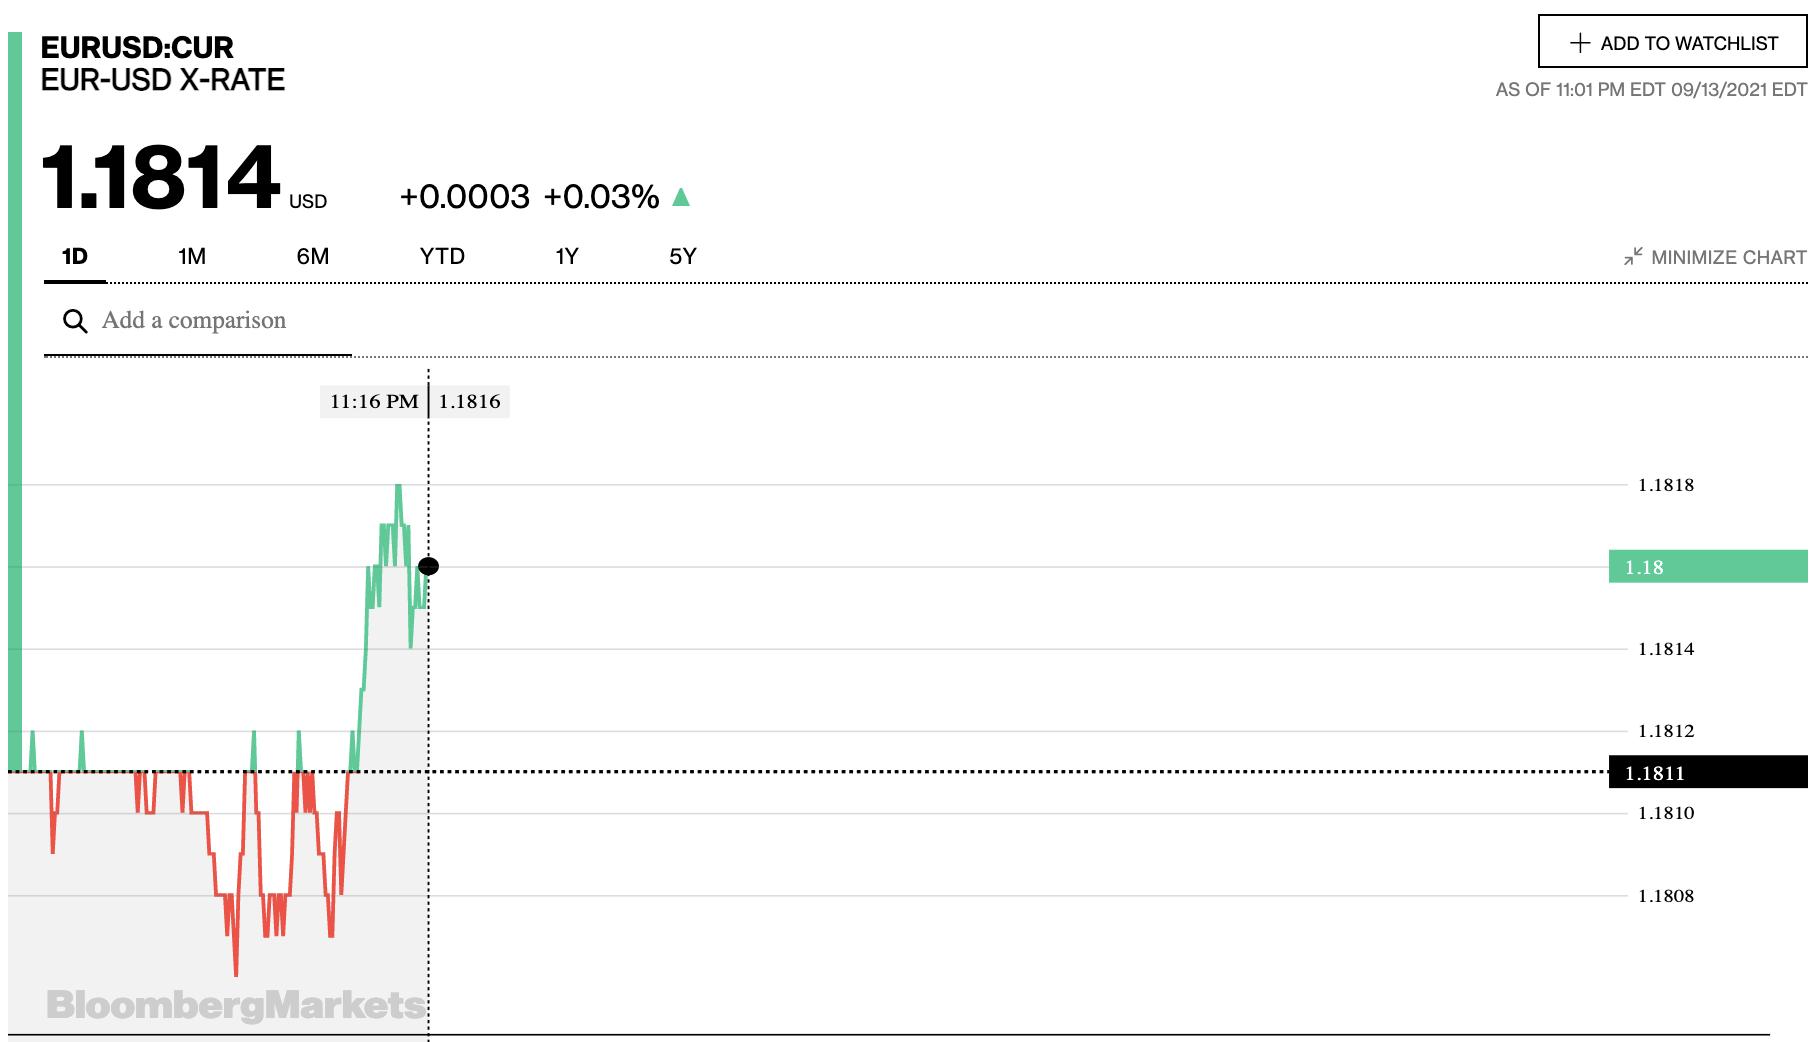 Tỷ giá euro hôm nay 14/9: Xu hướng tăng chiếm đa số ngân hàng - Ảnh 2.